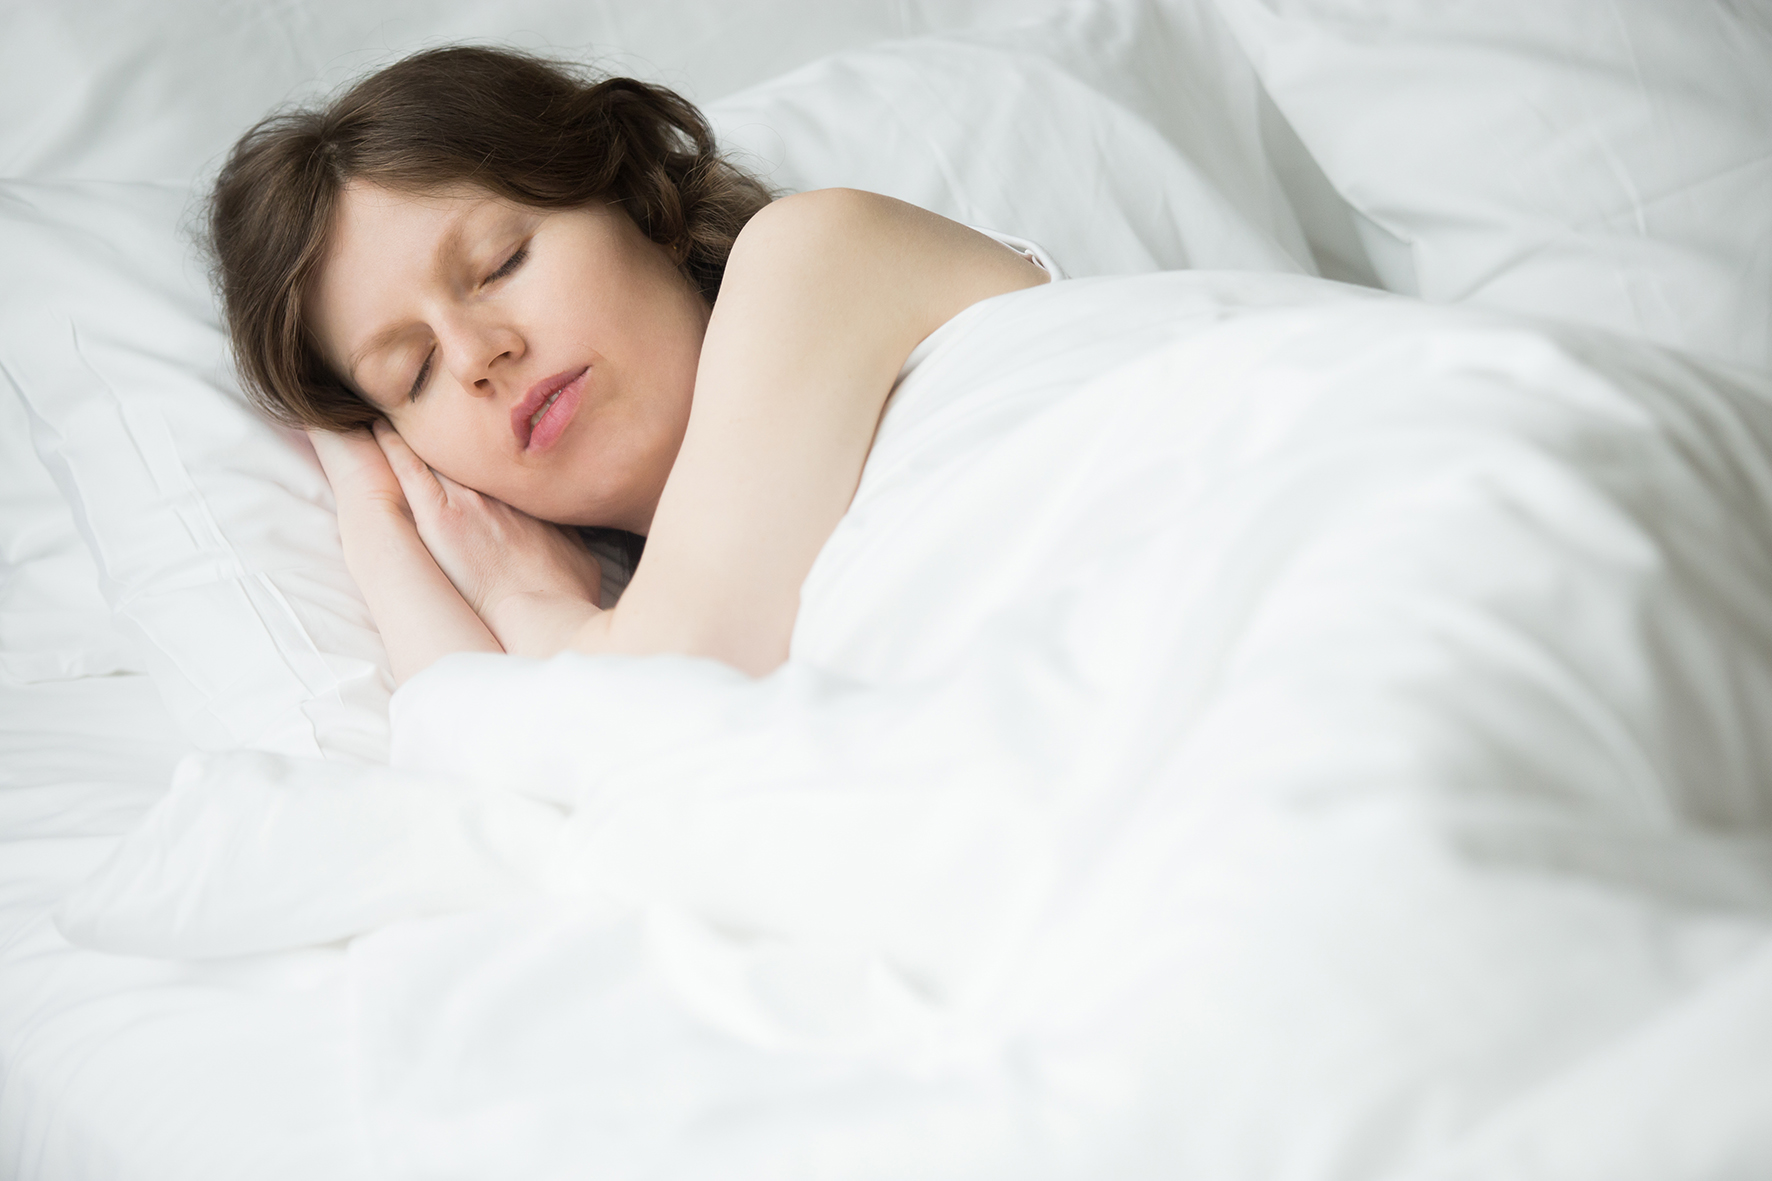 Dormir sobre o lado esquerdo do corpo é melhor.